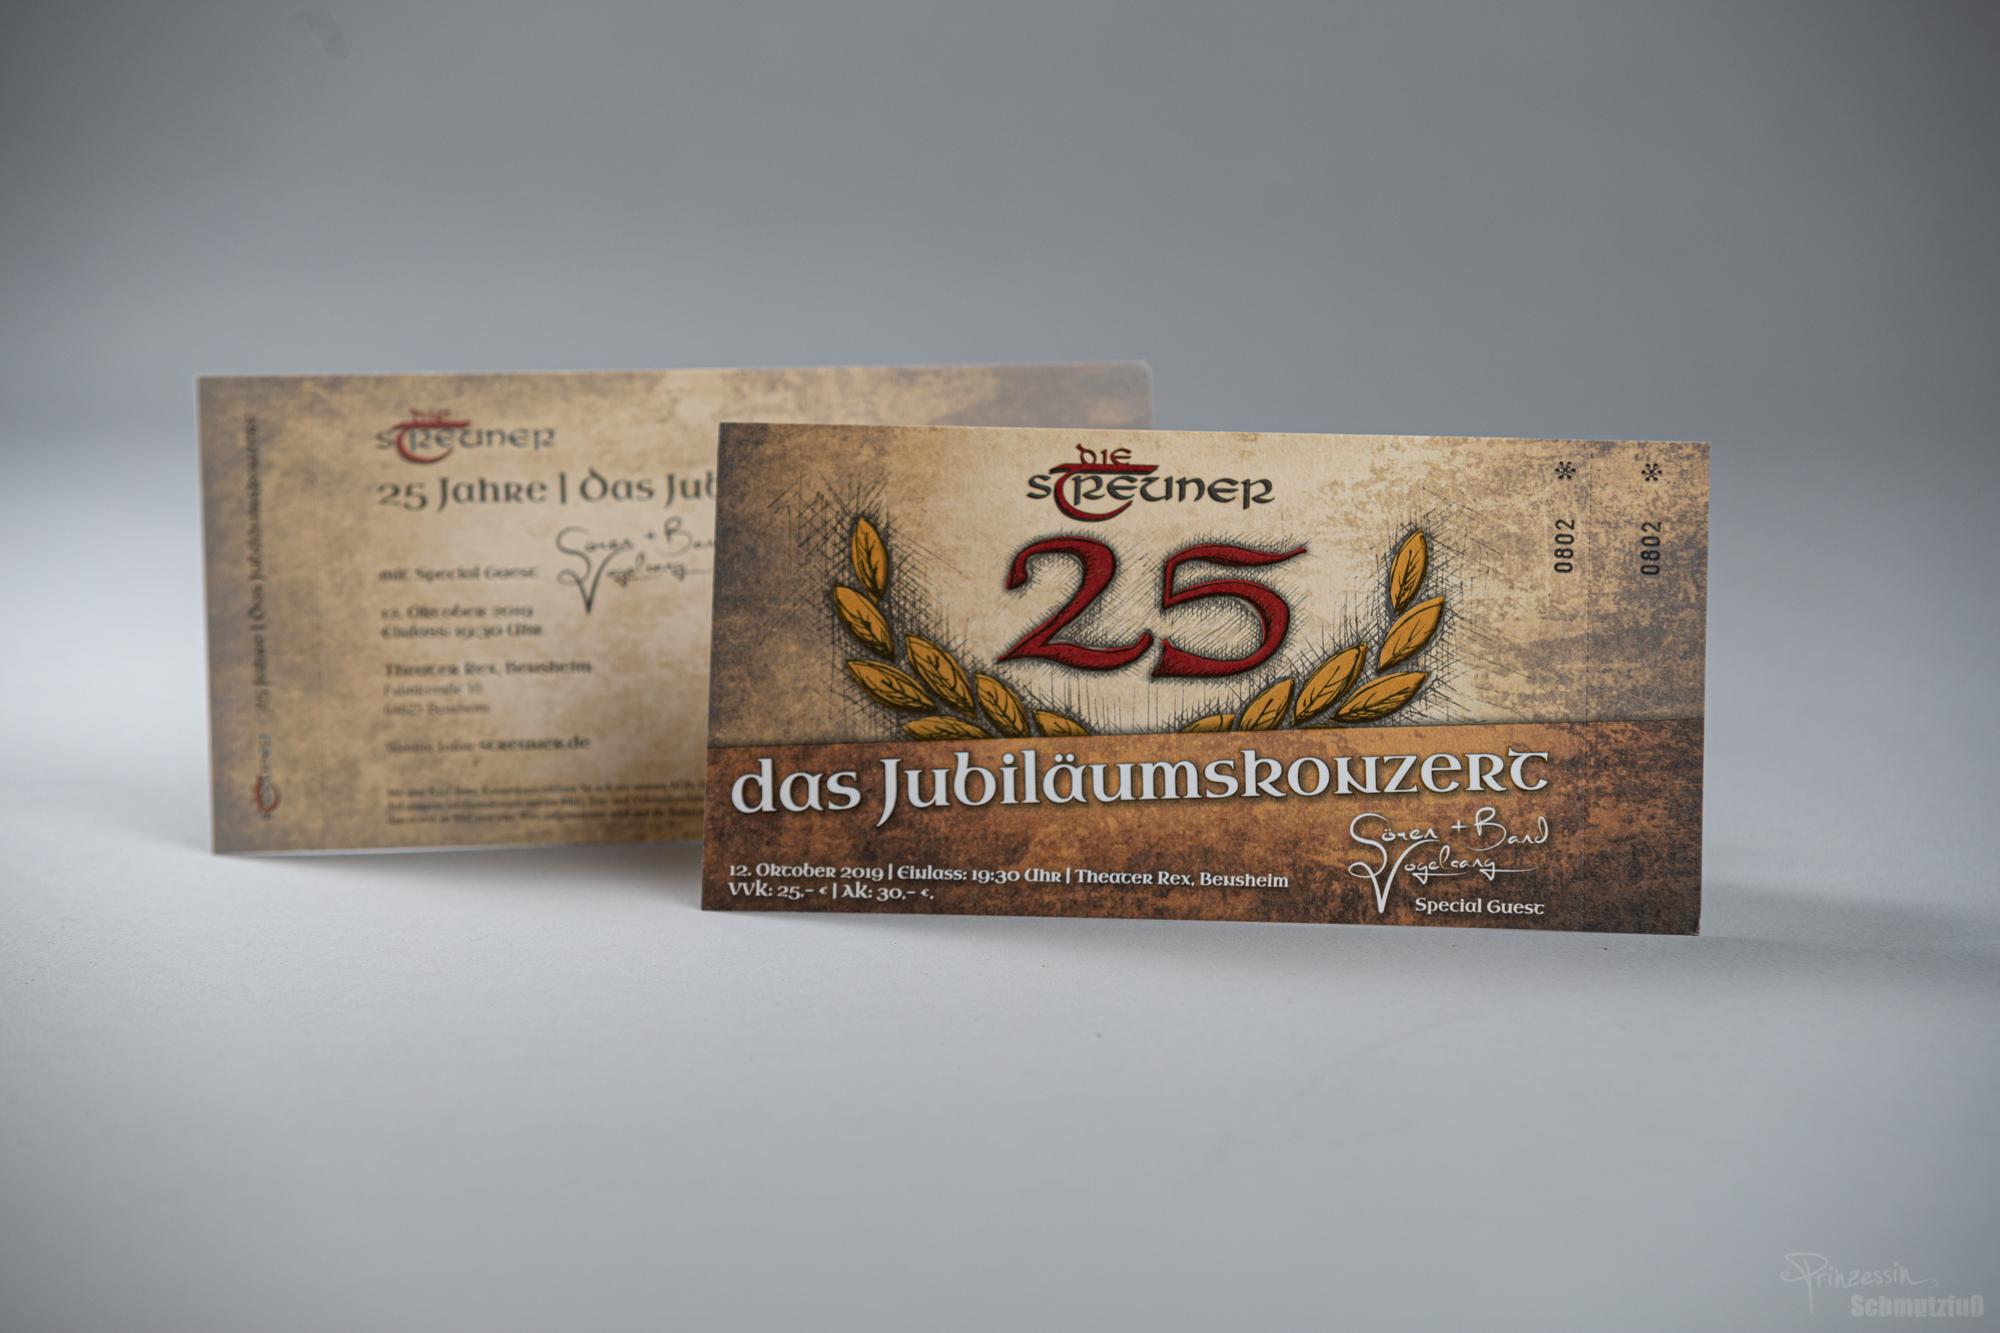 Tickets Jubiläumskonzert | Die Streuner 25 Jahre